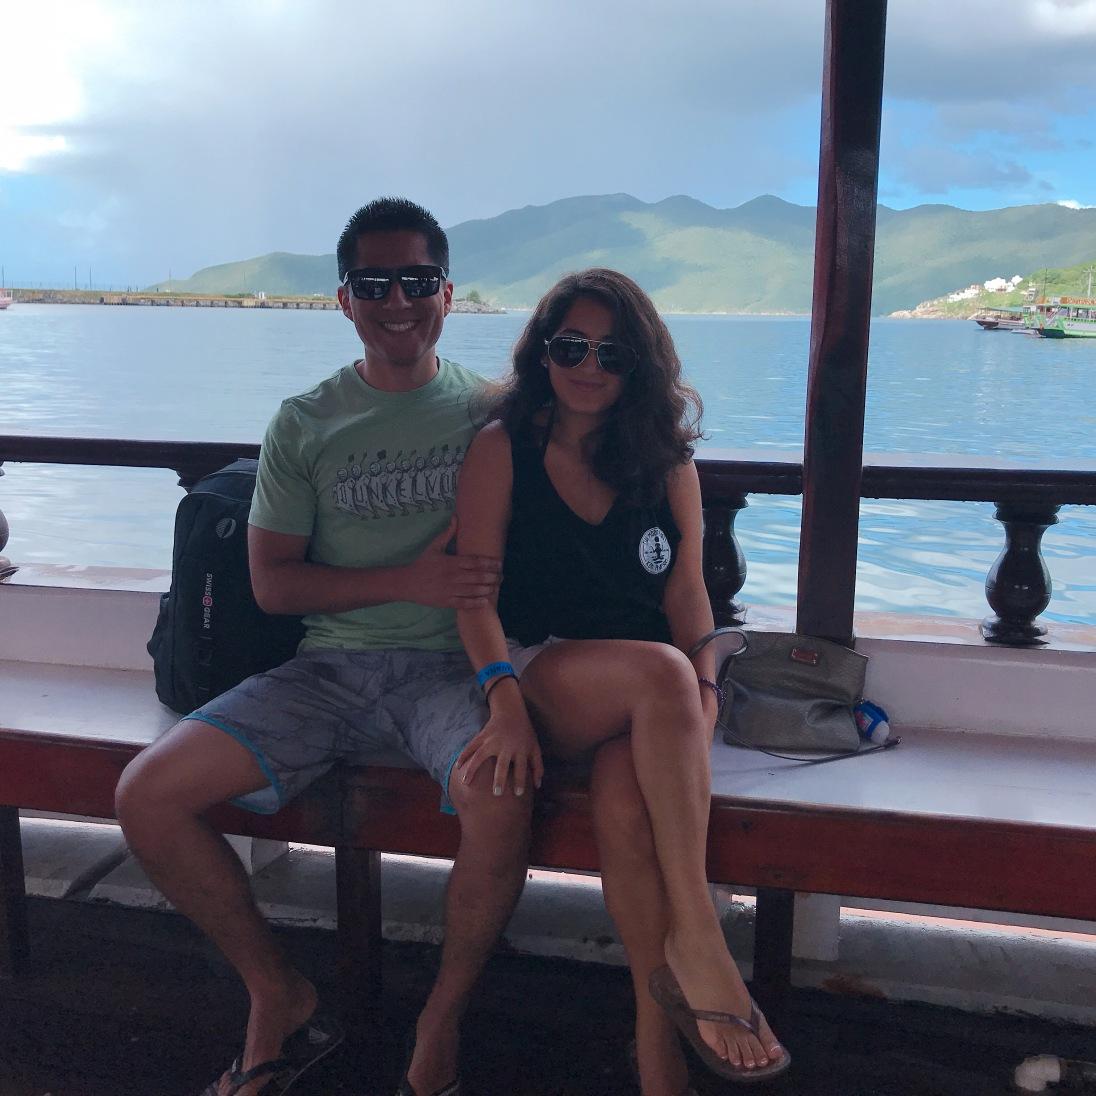 En el Barco!